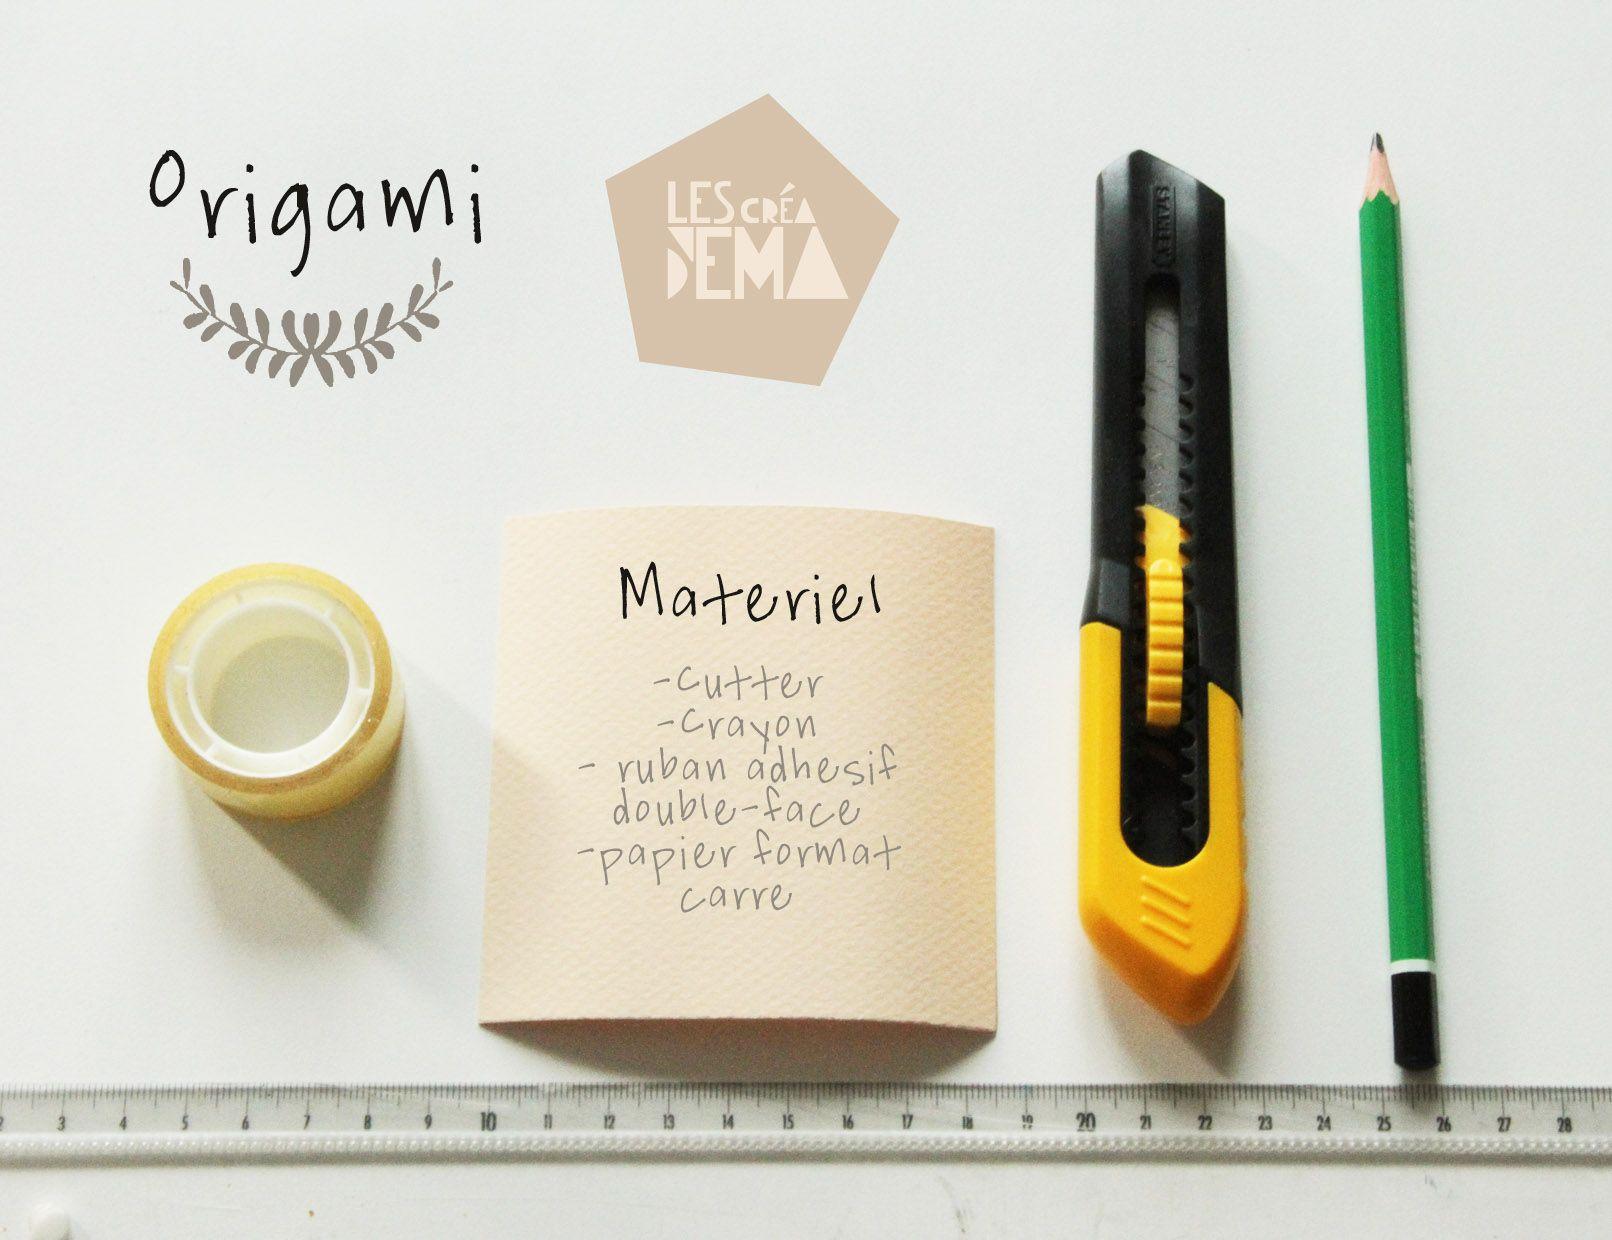 Origami petites gouttes de papier by *Les Créa d'Ema*